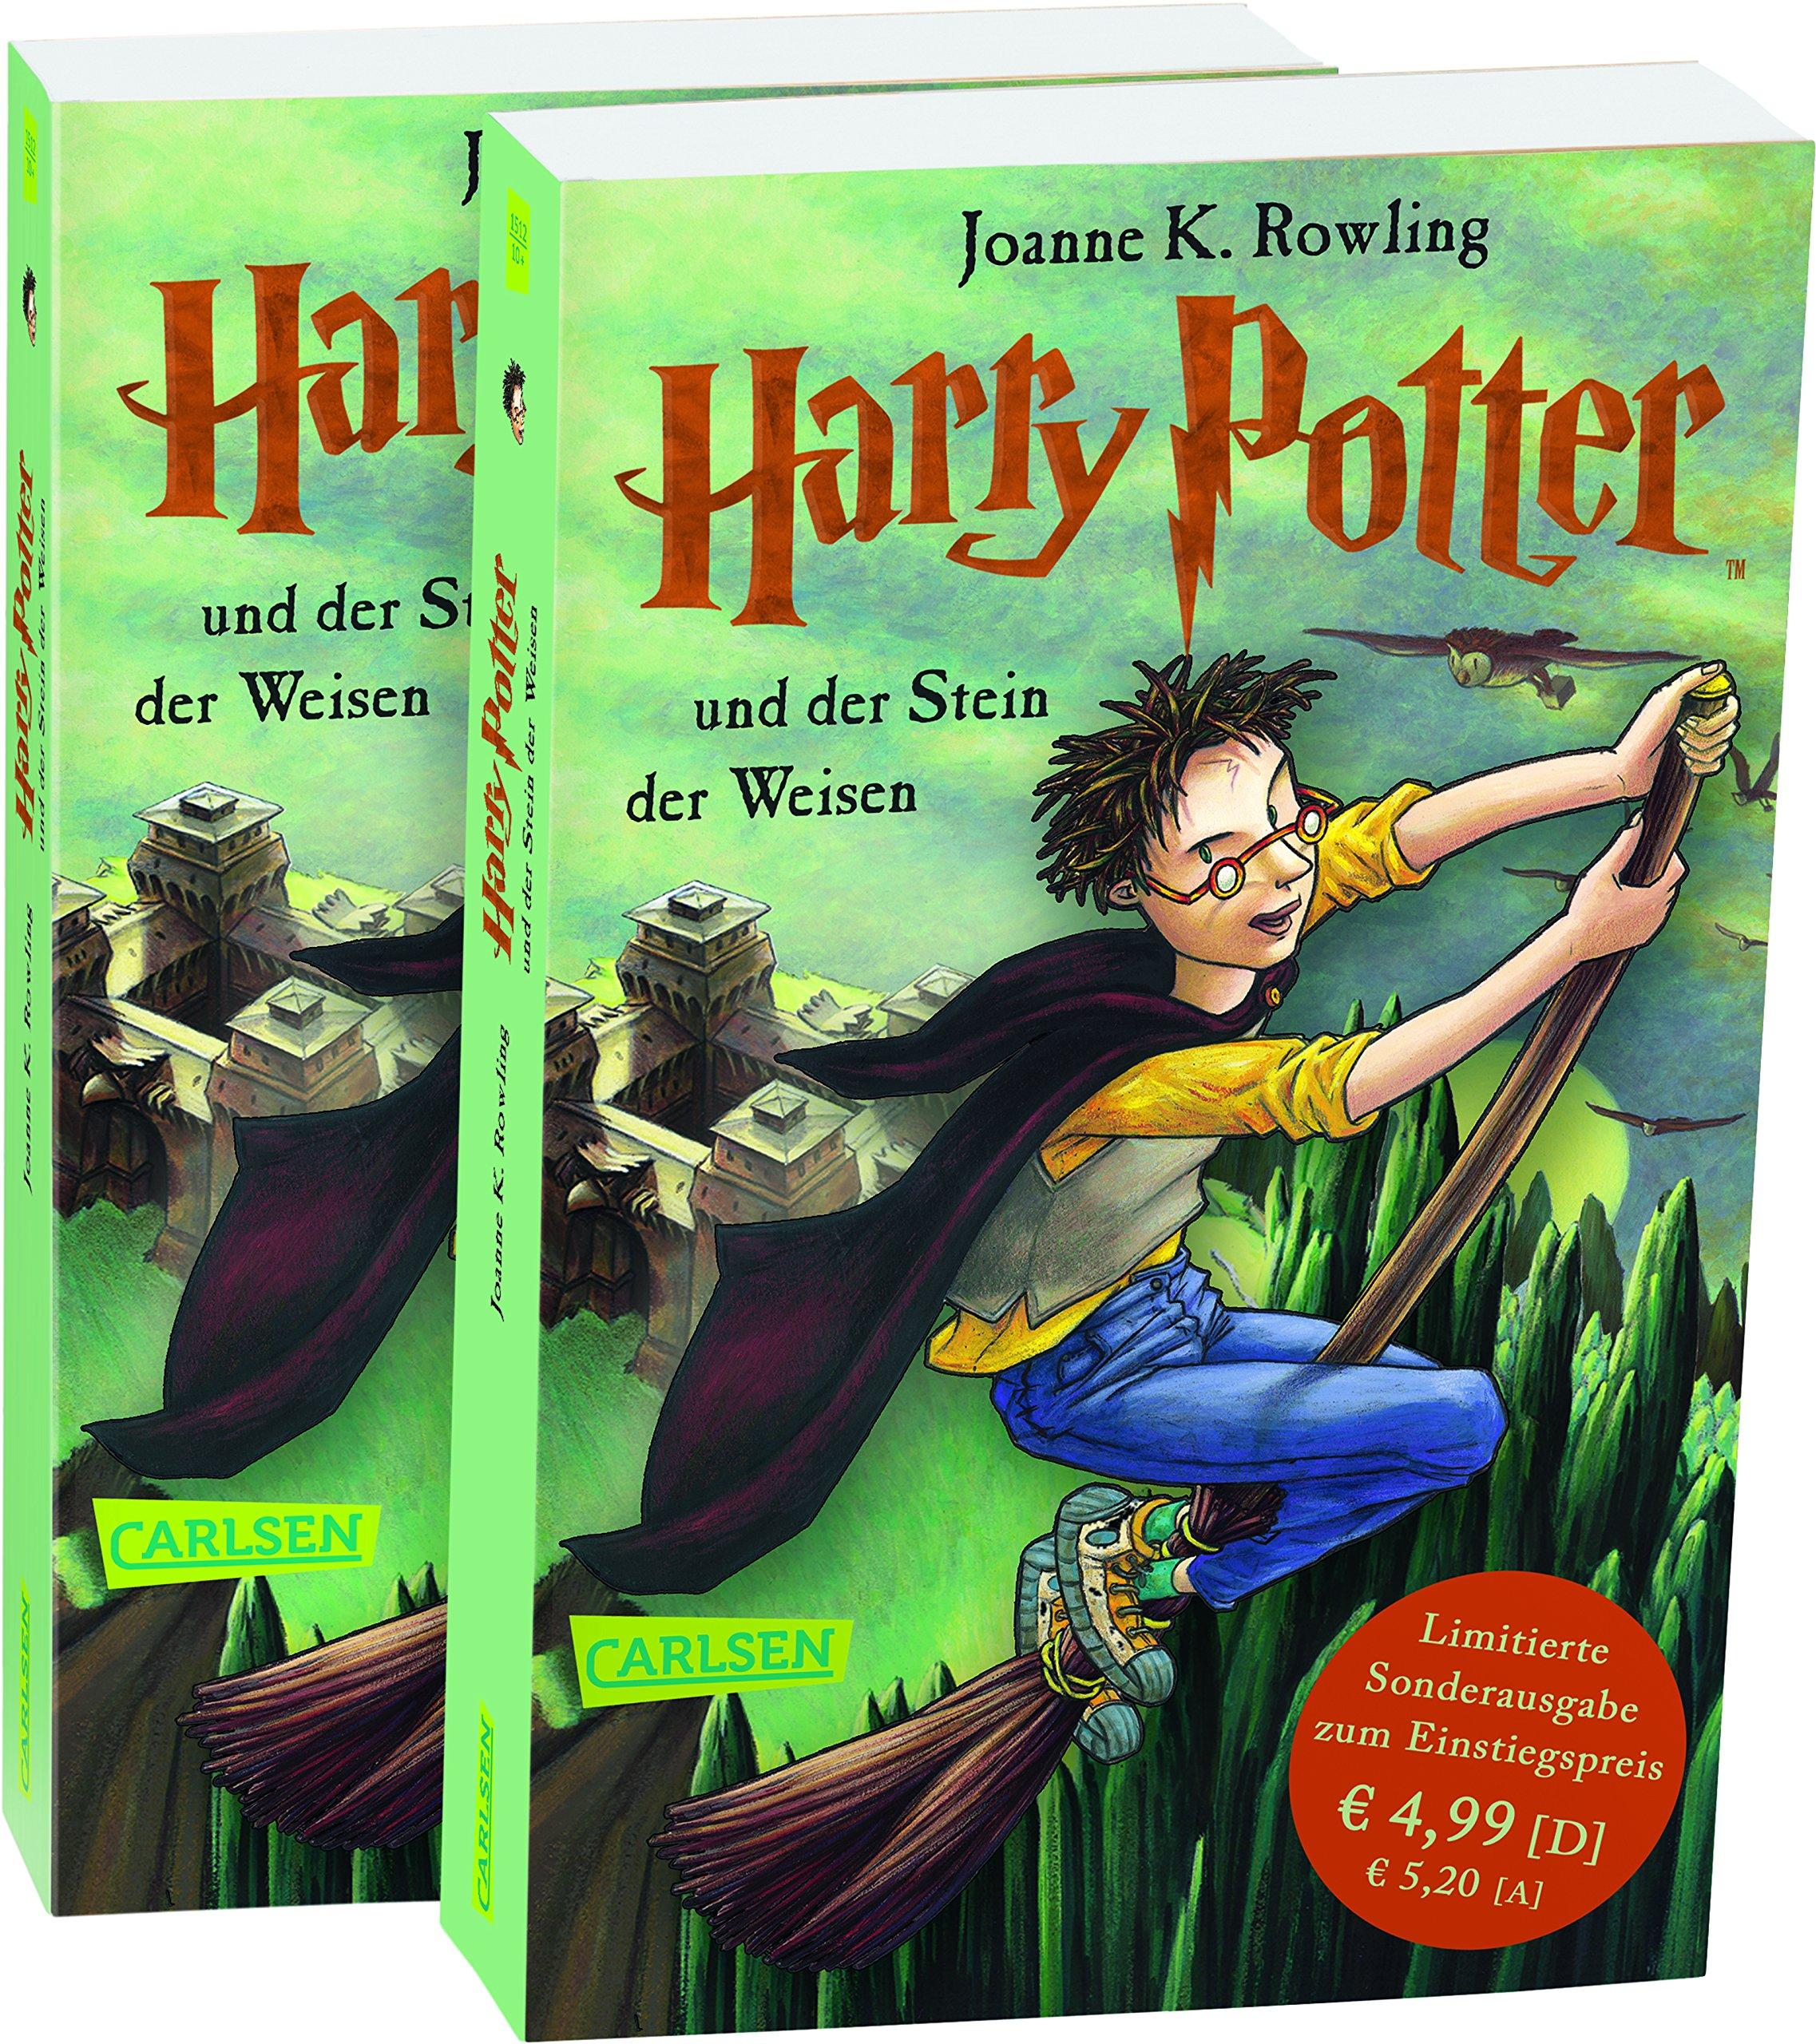 Harry Potter, Band 1: Harry Potter und der Stein der Weisen: Amazon.es:  Joanne K. Rowling, Klaus Fritz: Libros en idiomas extranjeros